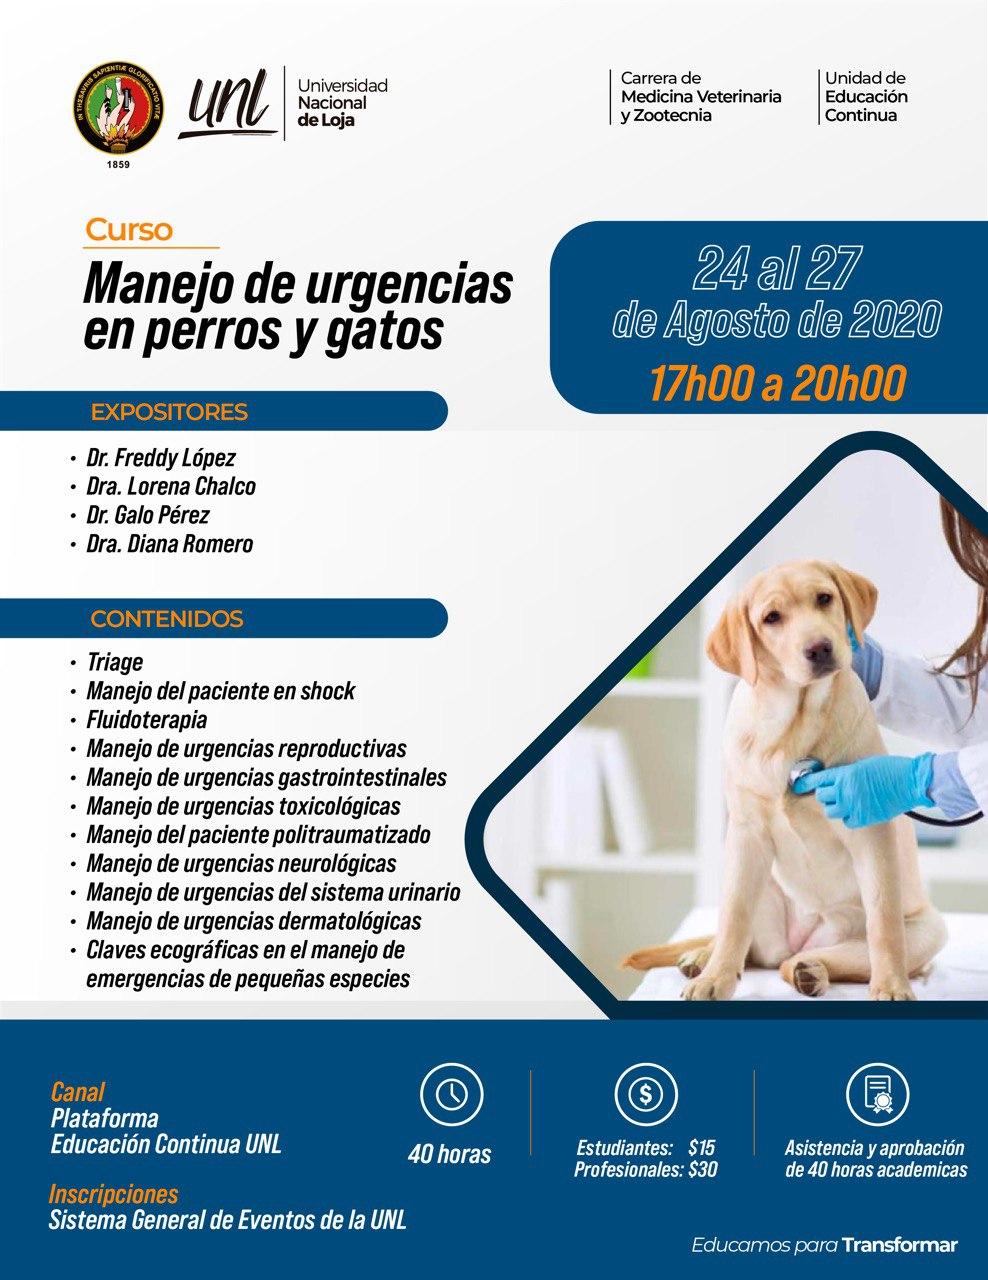 Manejo de urgencias en perros y gatos